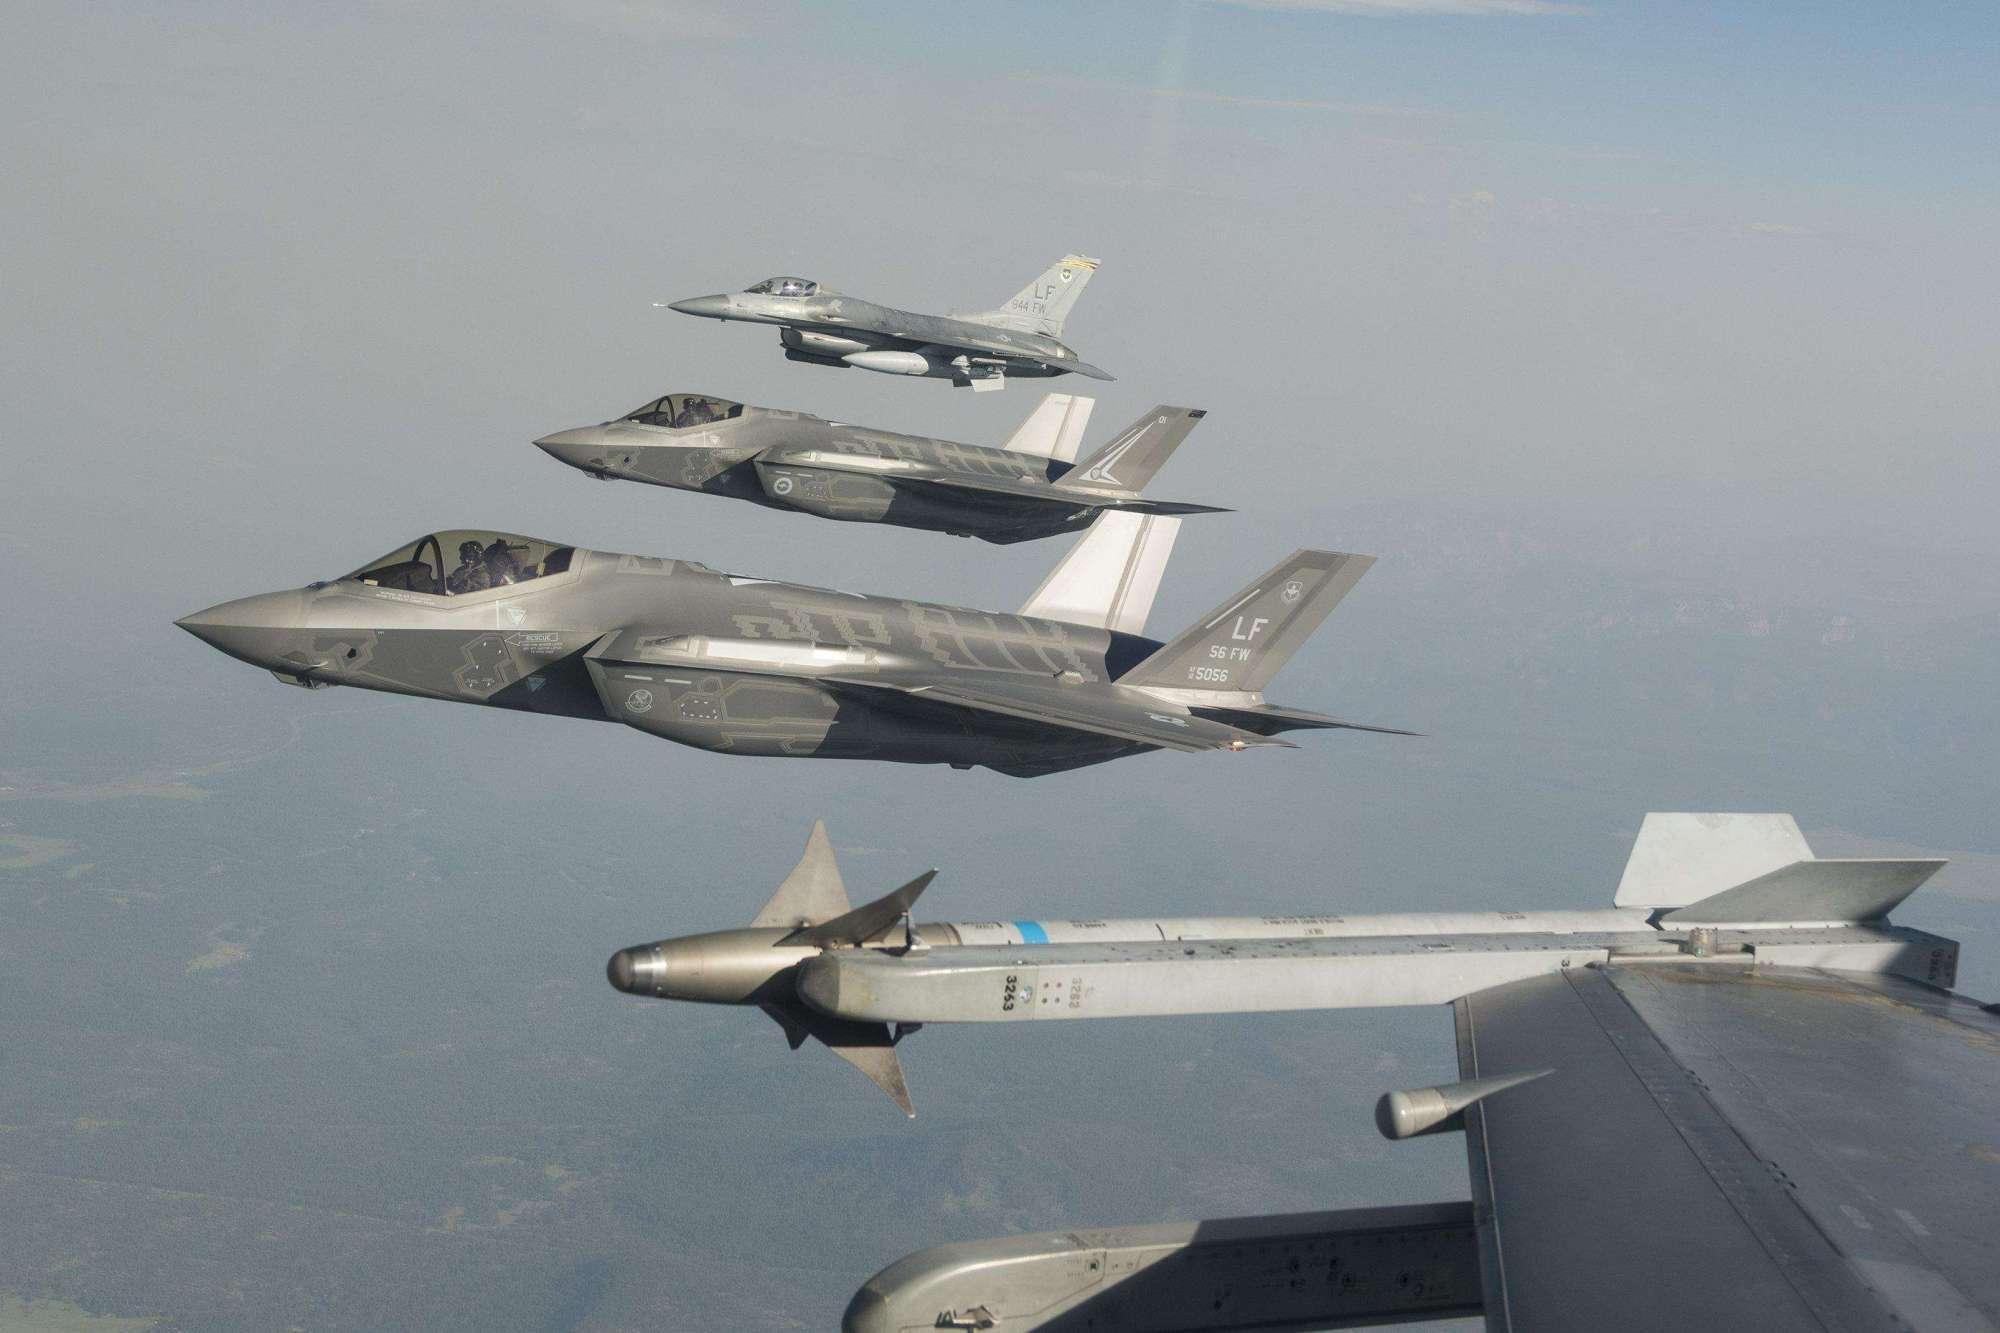 一年砸4.6万亿军费,4万架一流战机,为何始终拖不垮美